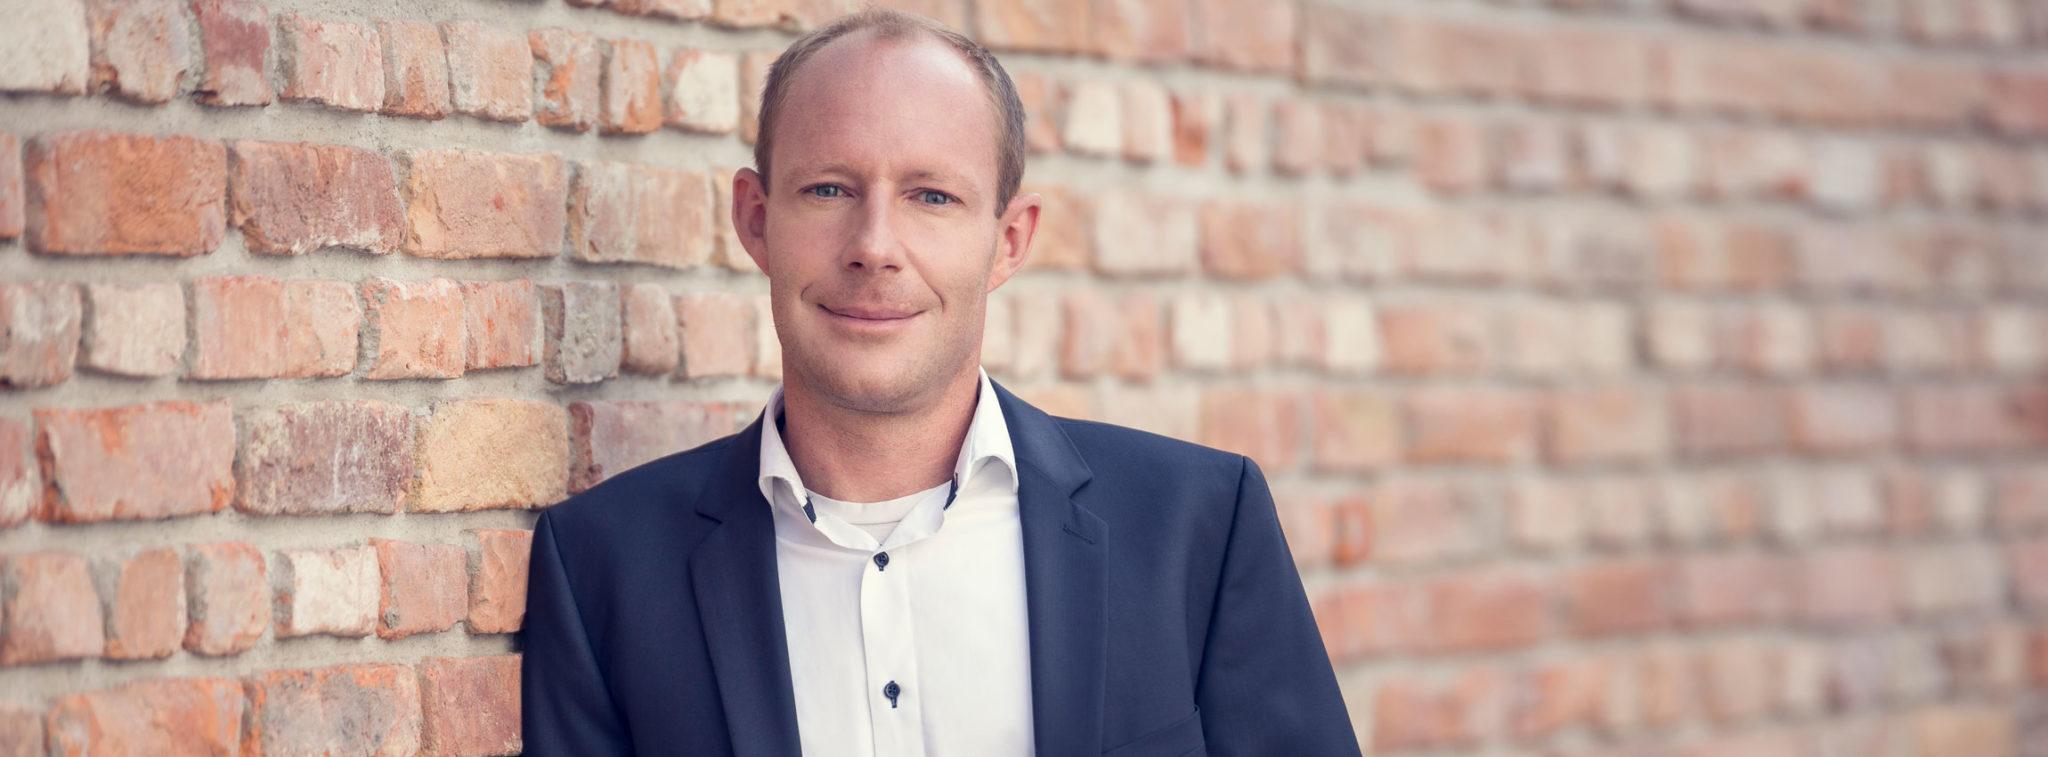 Rechtsanwalt David Schietinger als Anwalt in Bad Aibling